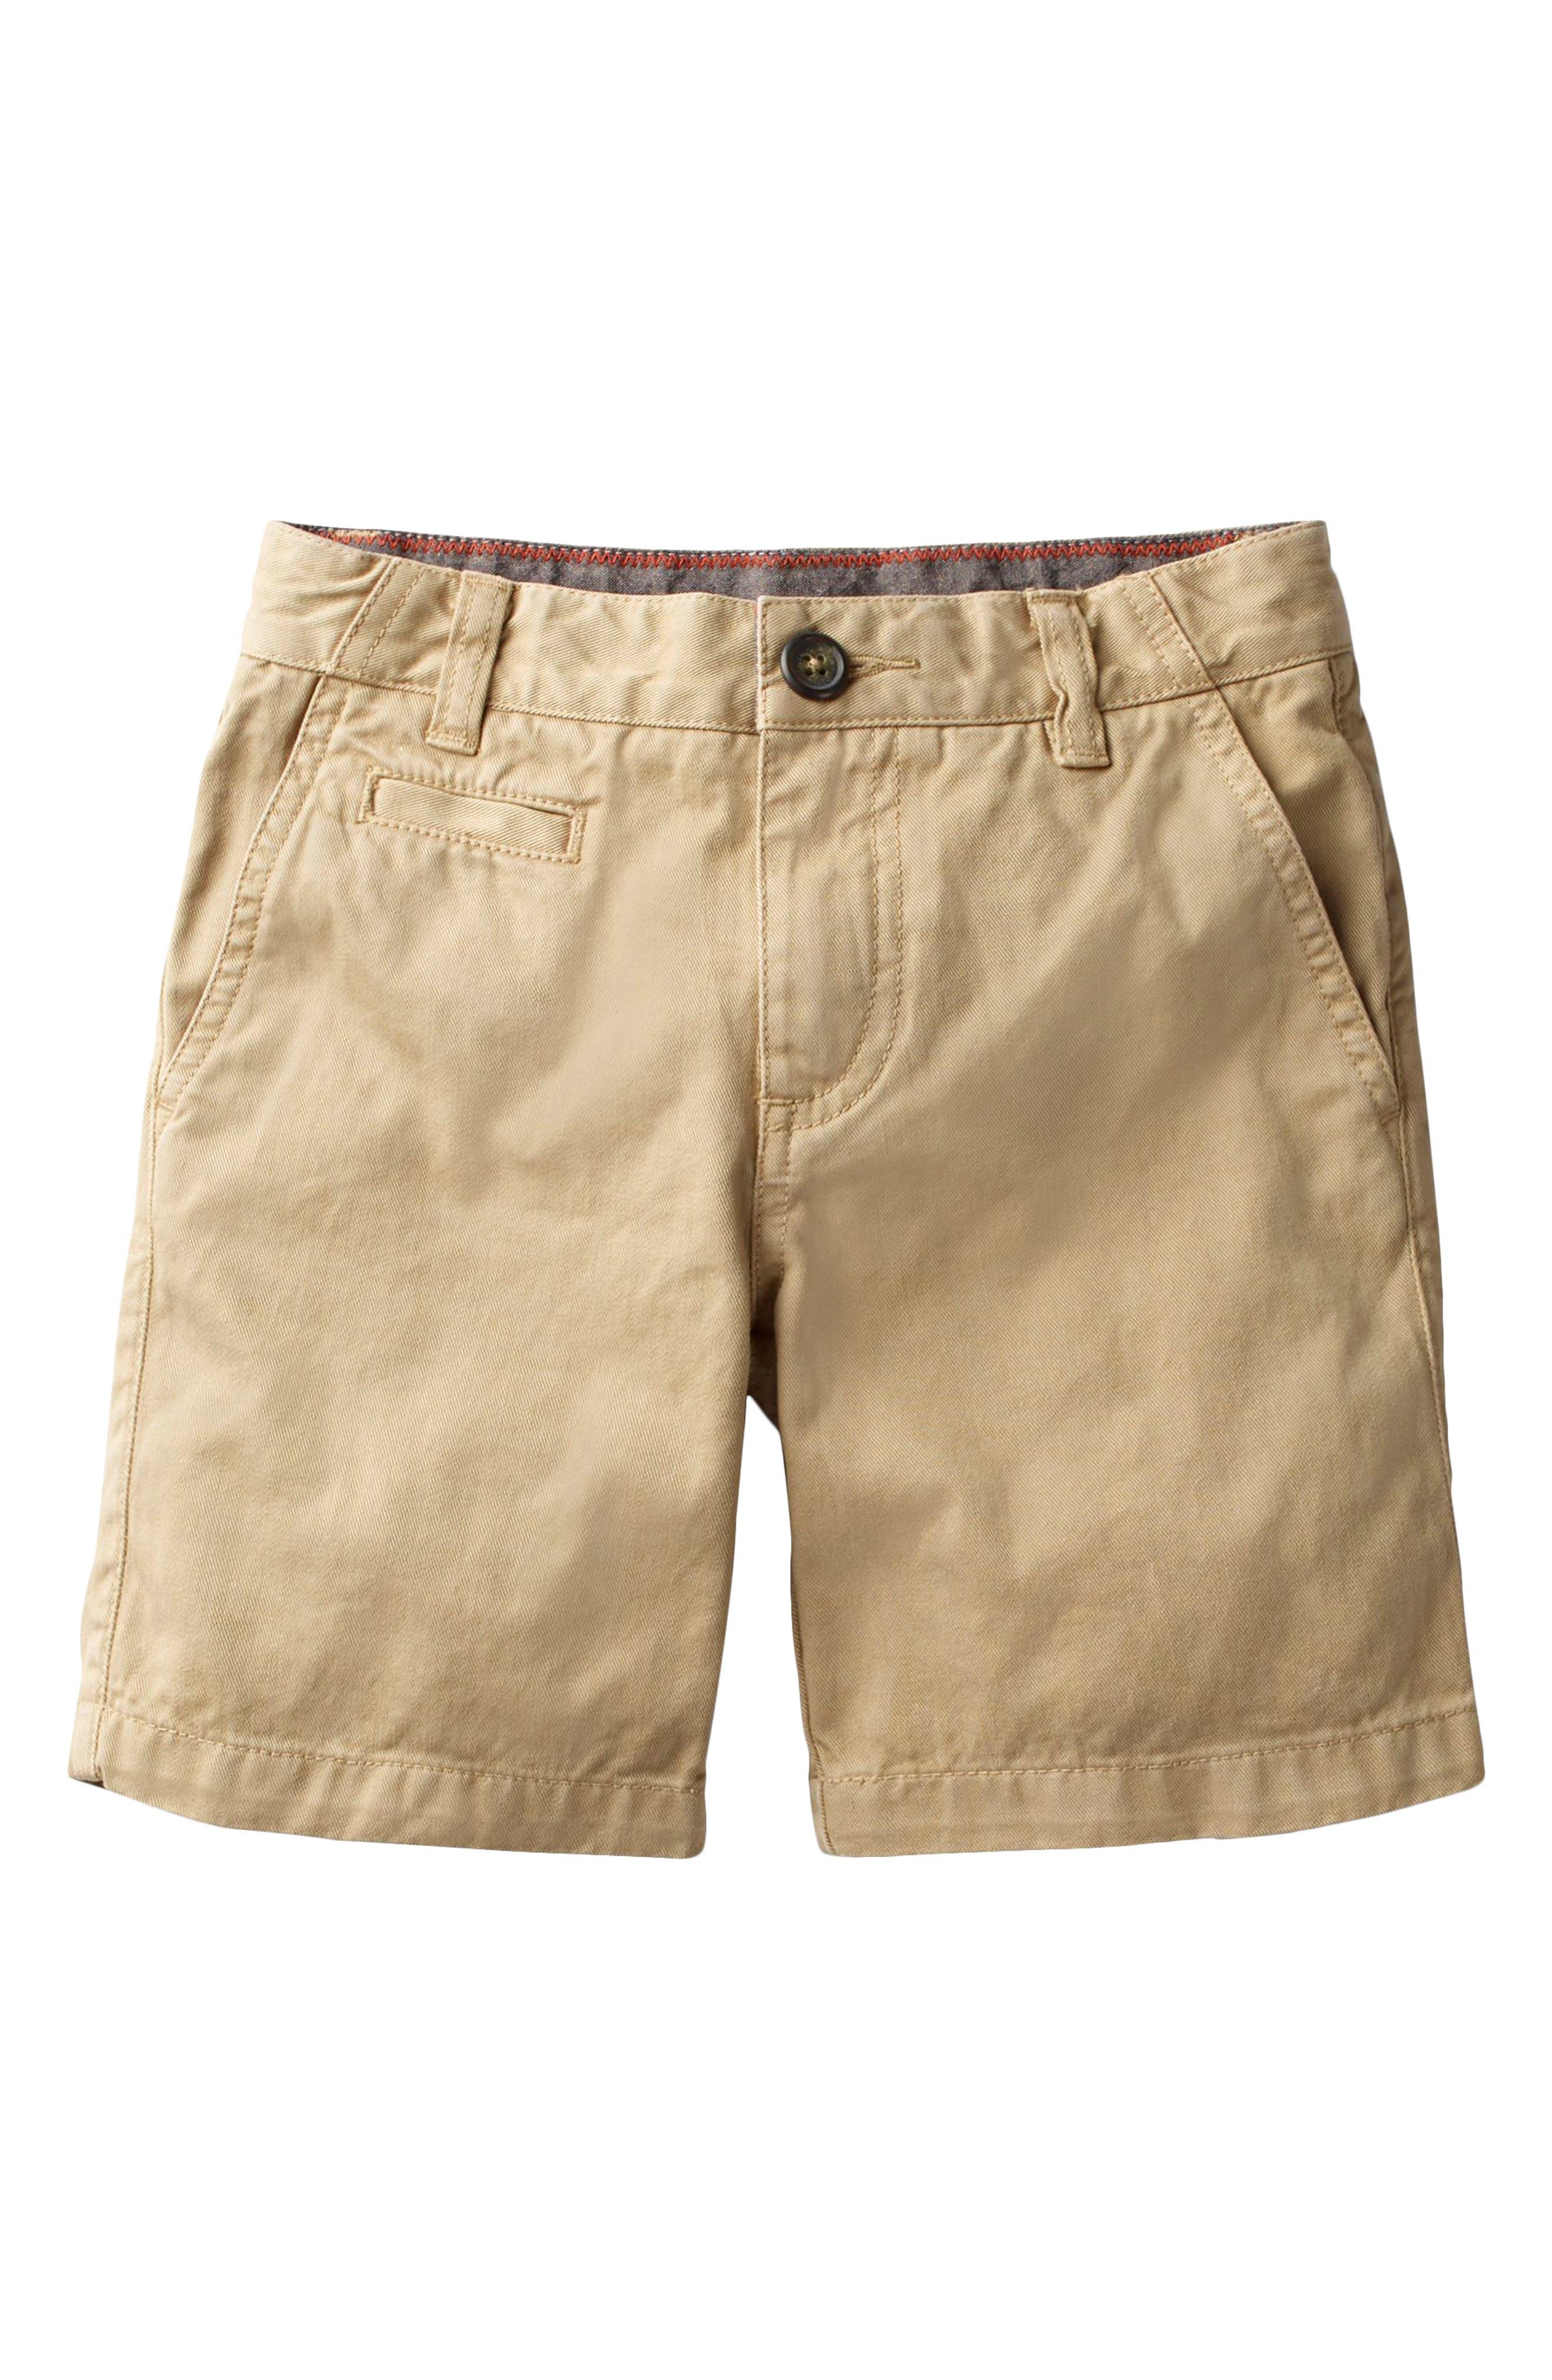 Chino Shorts,                             Main thumbnail 1, color,                             250